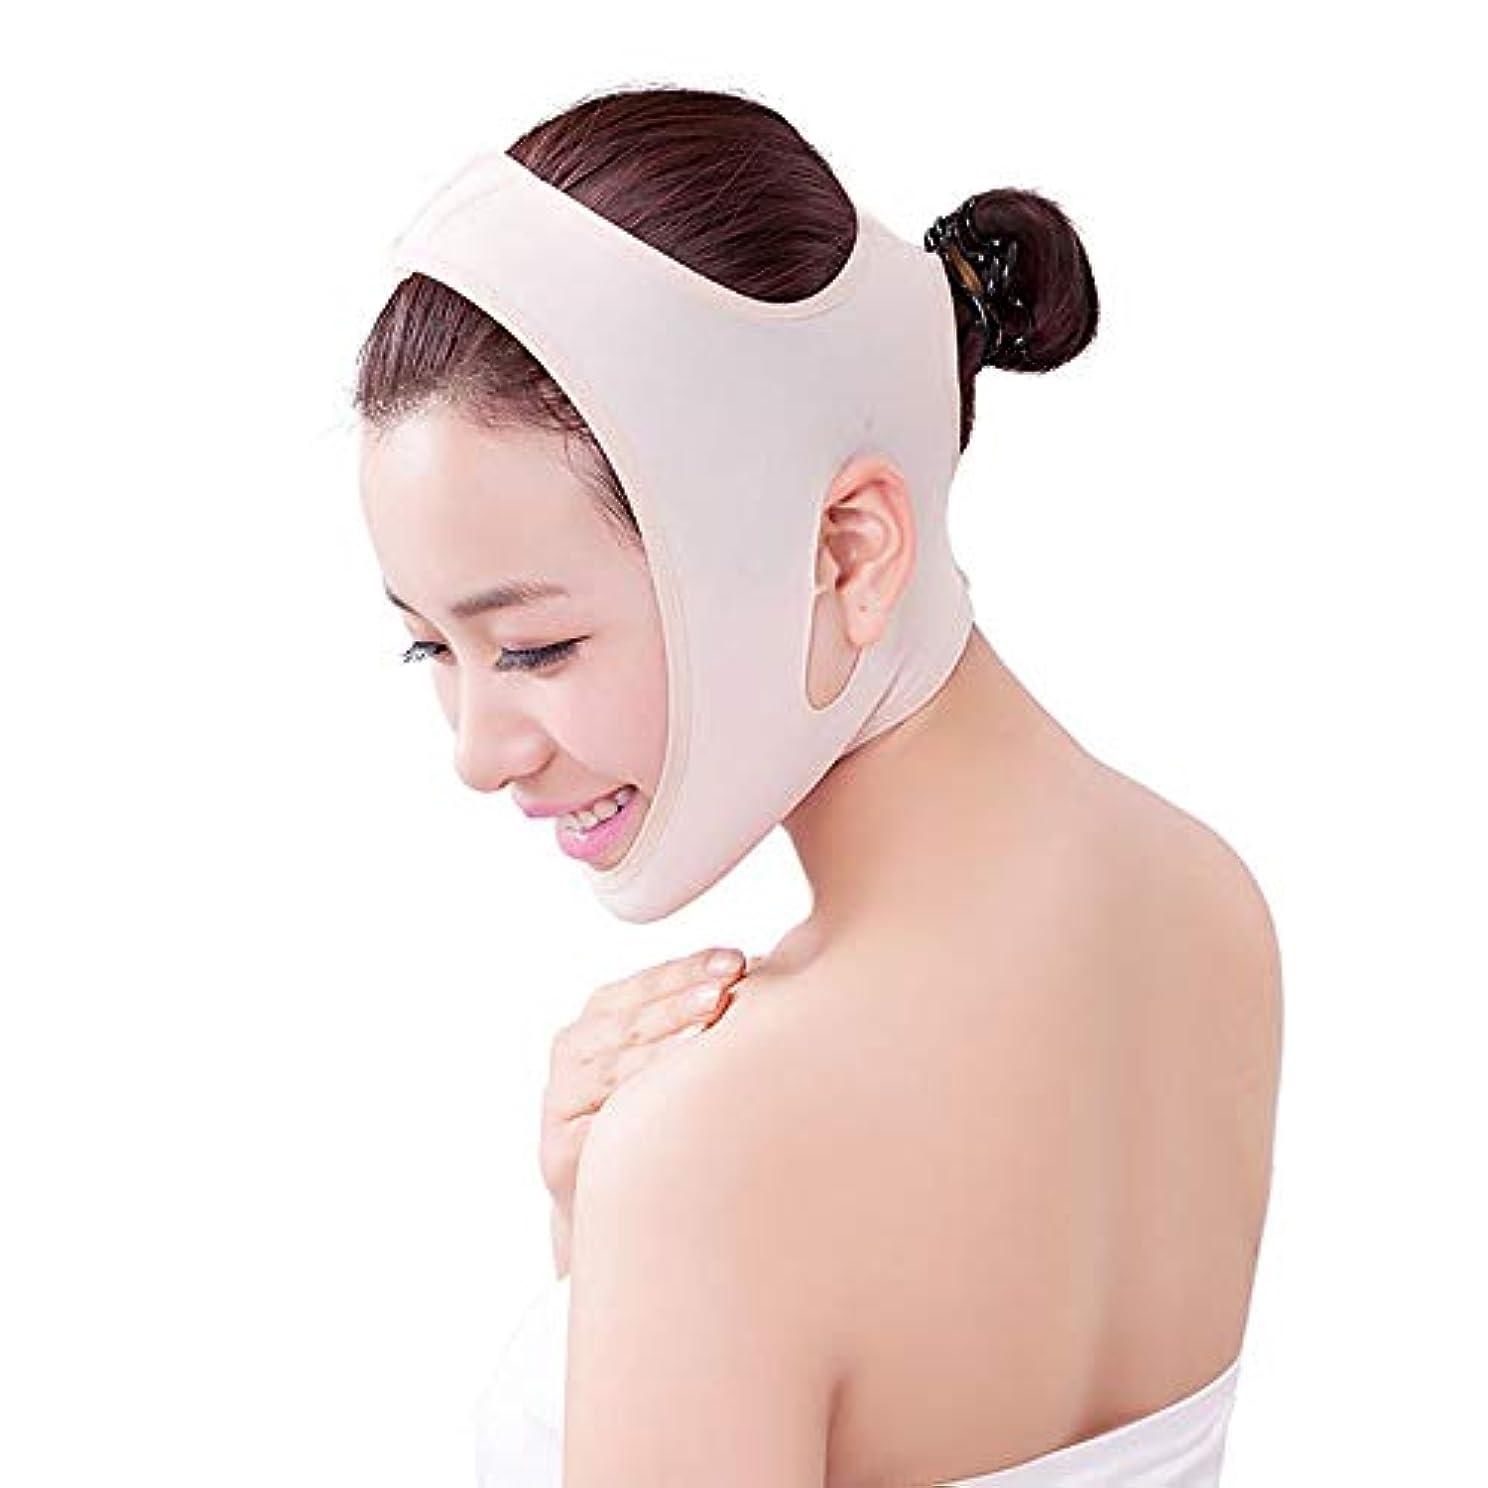 デンマーク語東部ベーカリーフェイスリフティング包帯、ダブルチンリフト、法律、男性用および女性用マスクへの固着、vフェイスマスク,XL